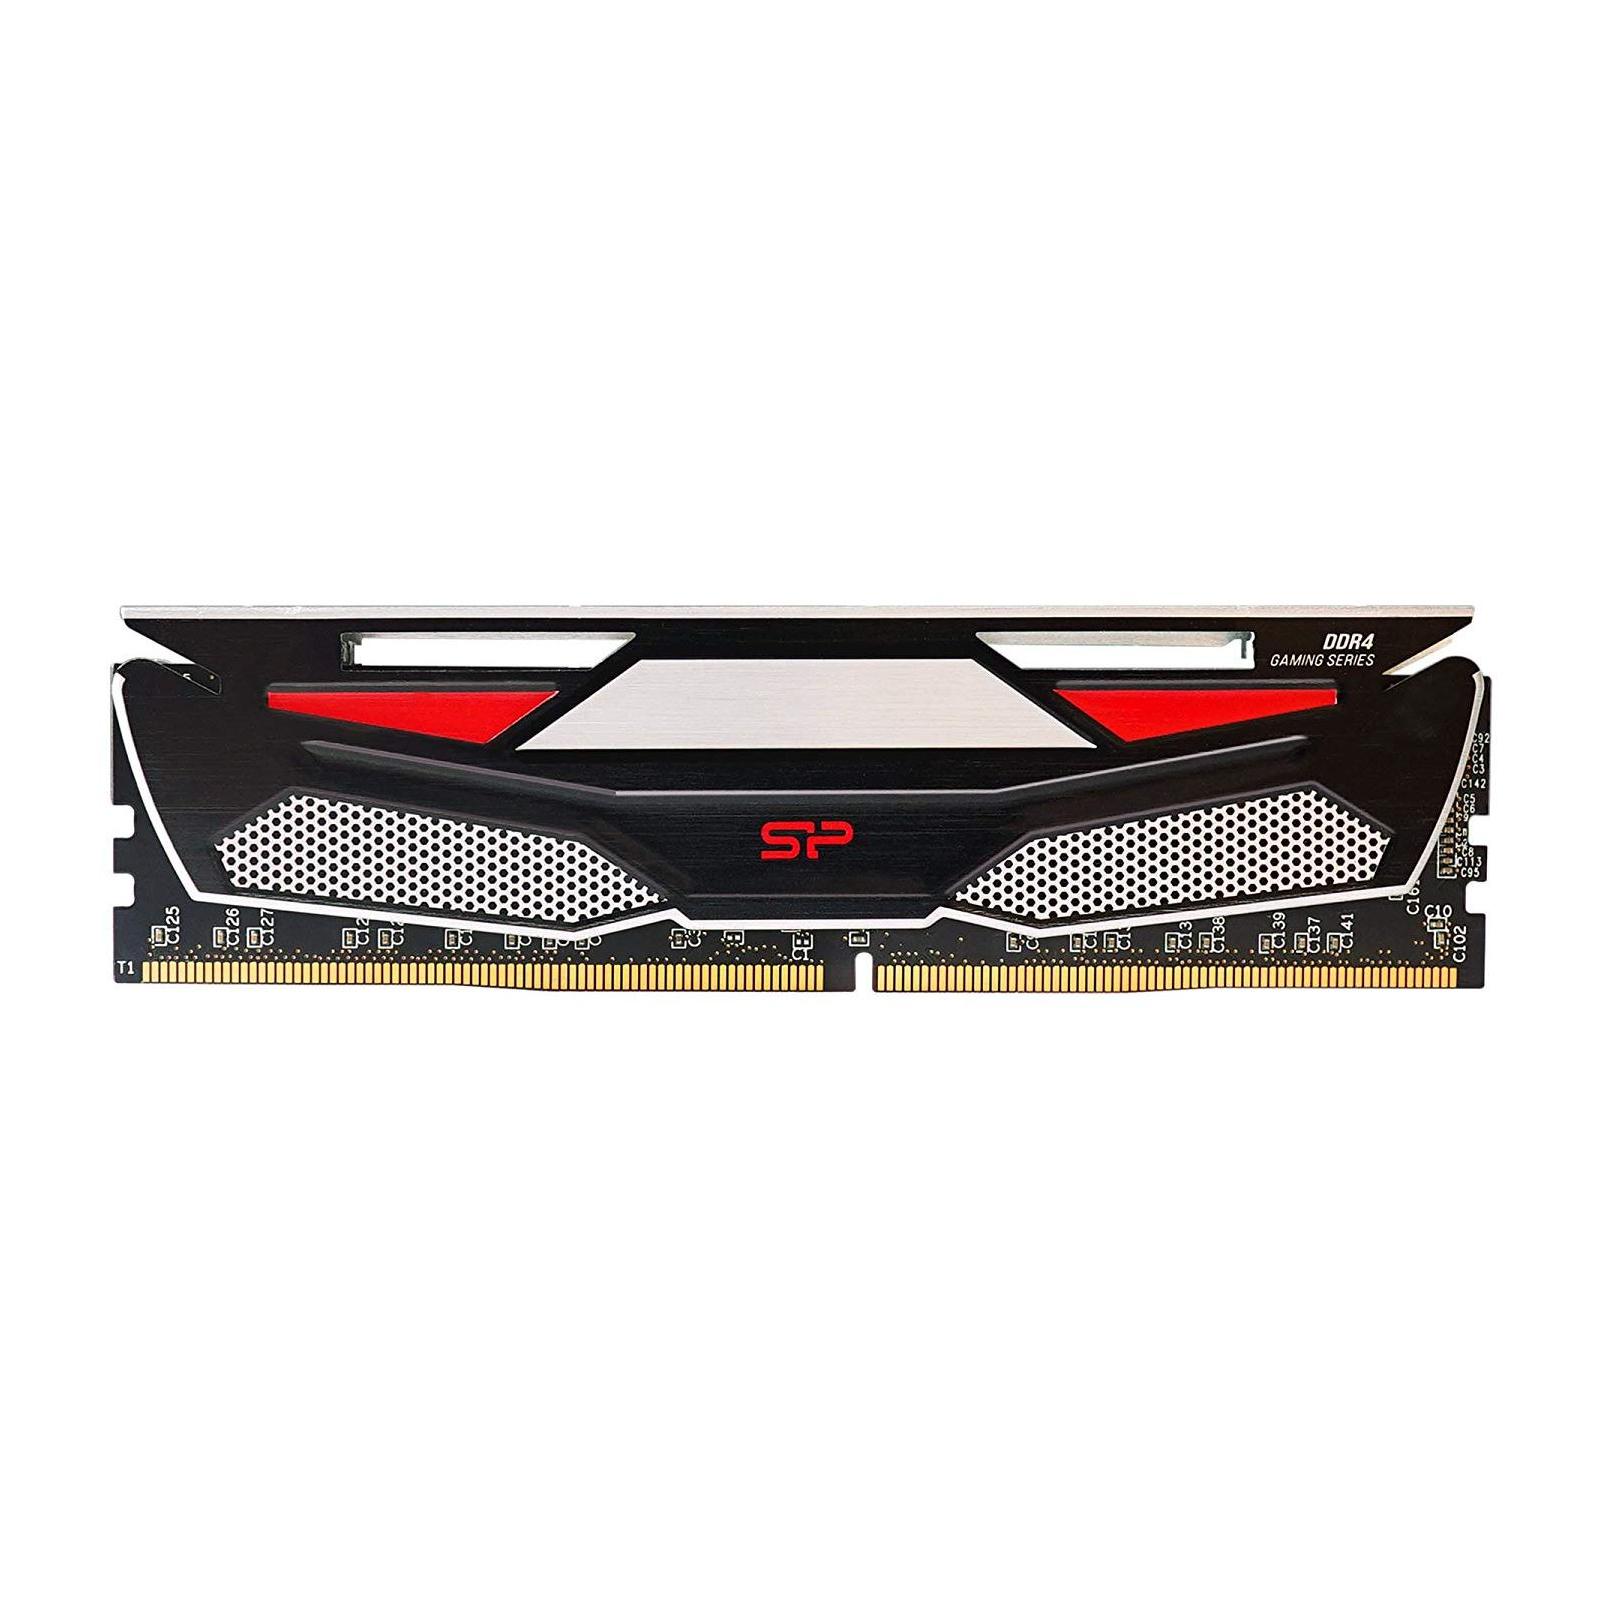 Модуль памяти для компьютера DDR4 4GB 2400 MHz Silicon Power (SP004GBLFU240NS2)